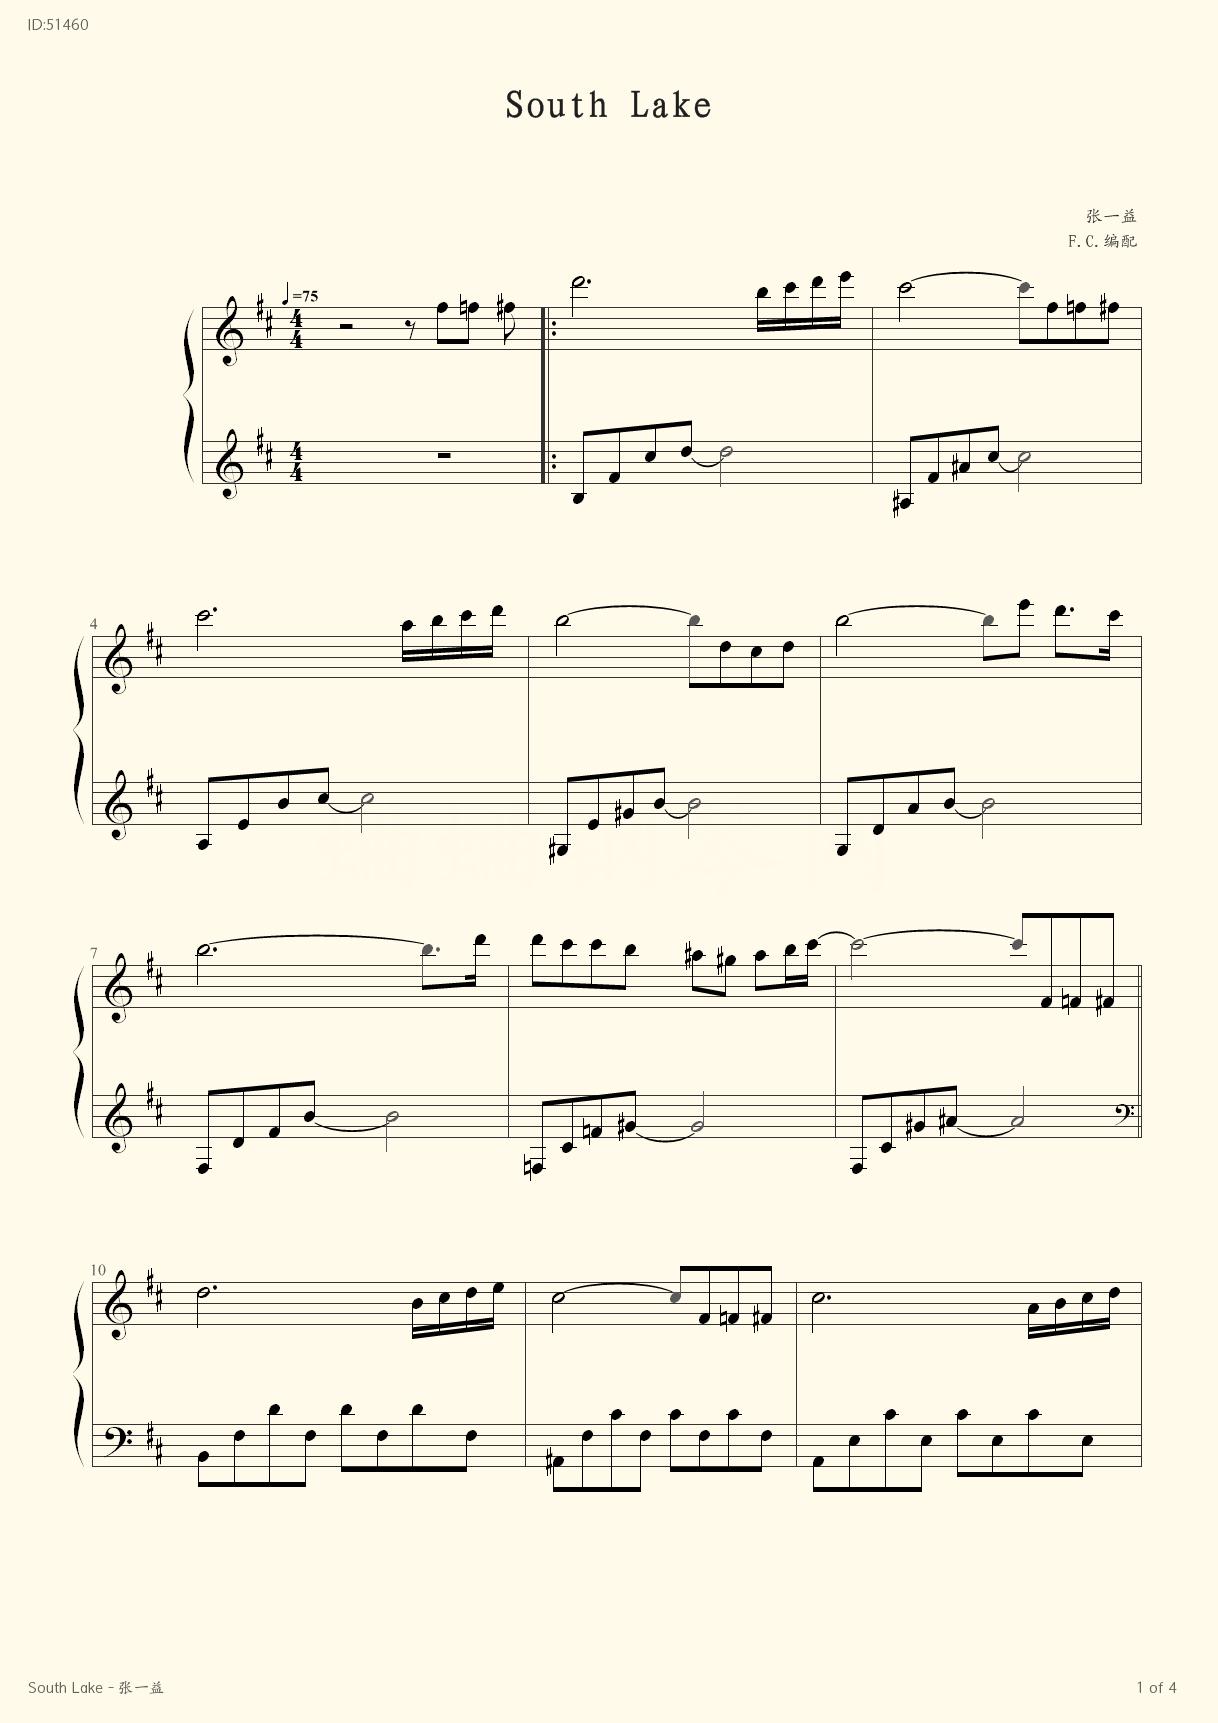 South Lake  - Zhang Yiyi - first page